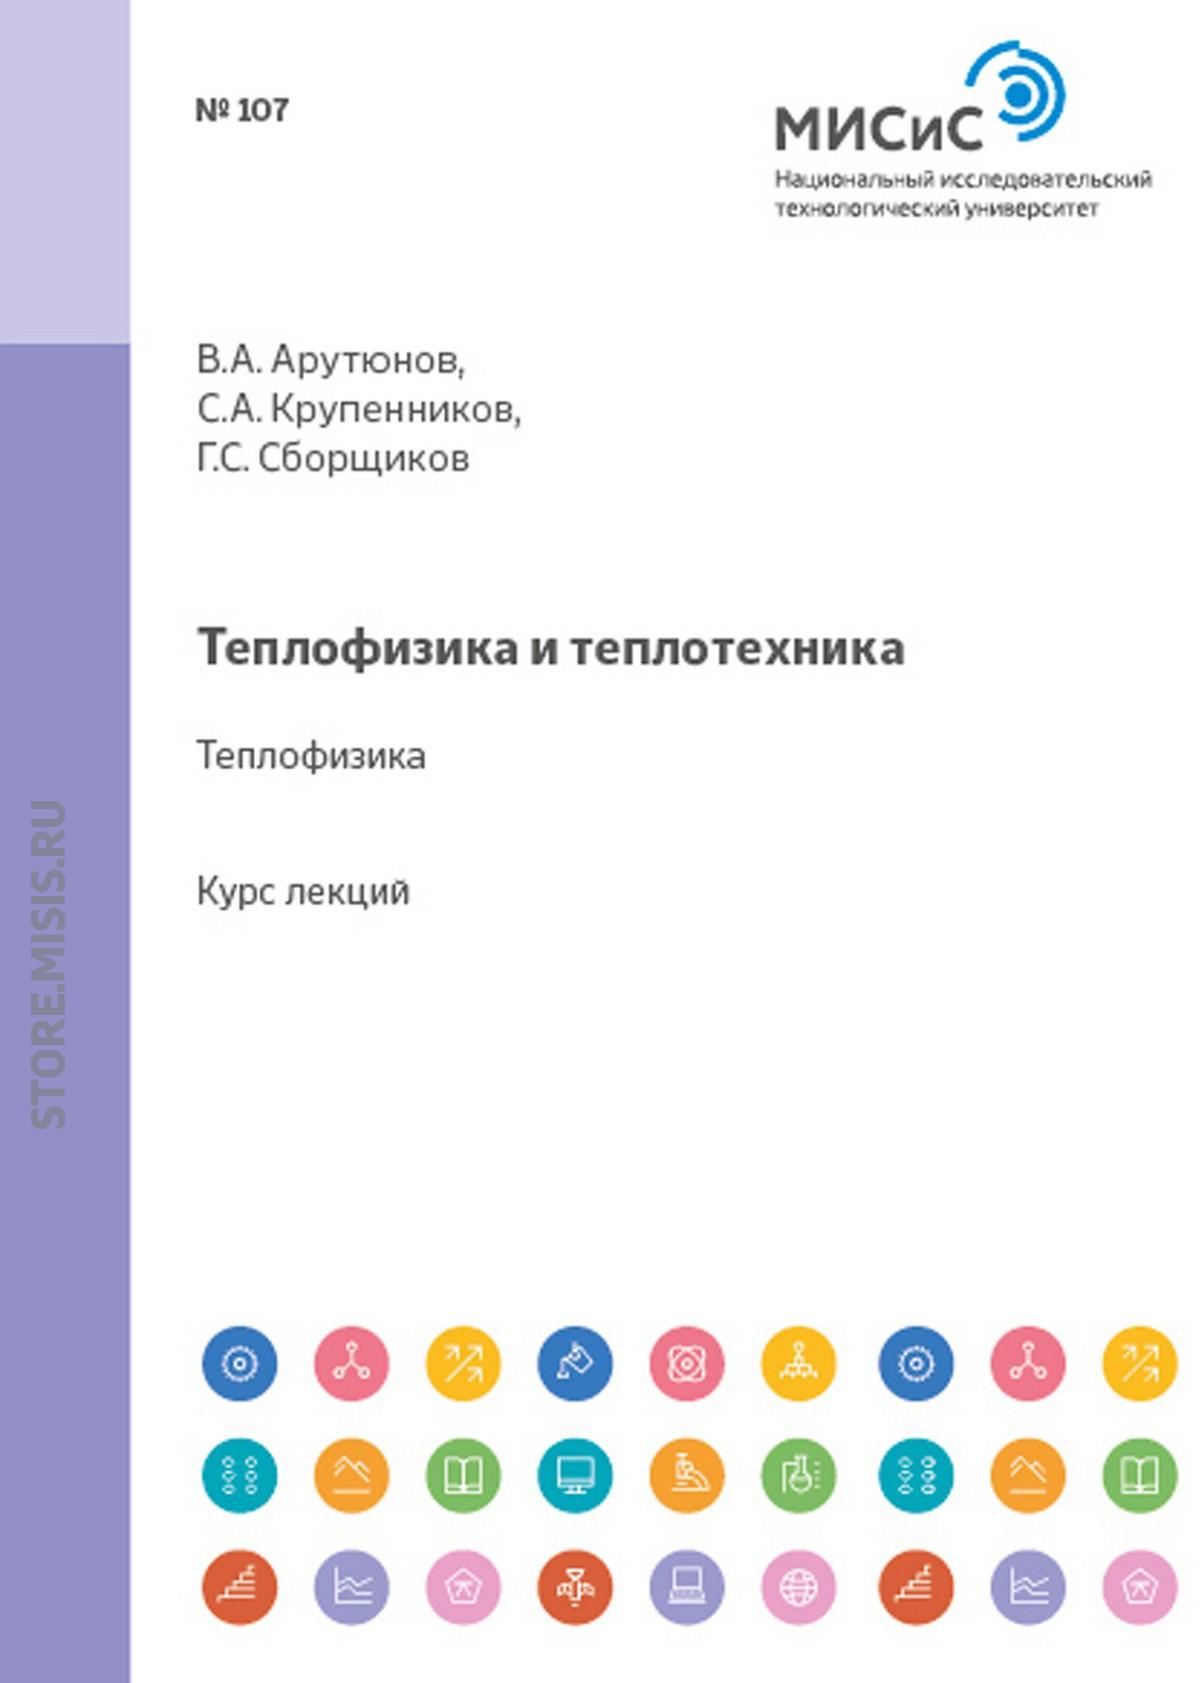 Сергей Крупенников Теплофизика и теплотехника. Теплофизика сергей крупенников теплофизика и теплотехника теплофизика